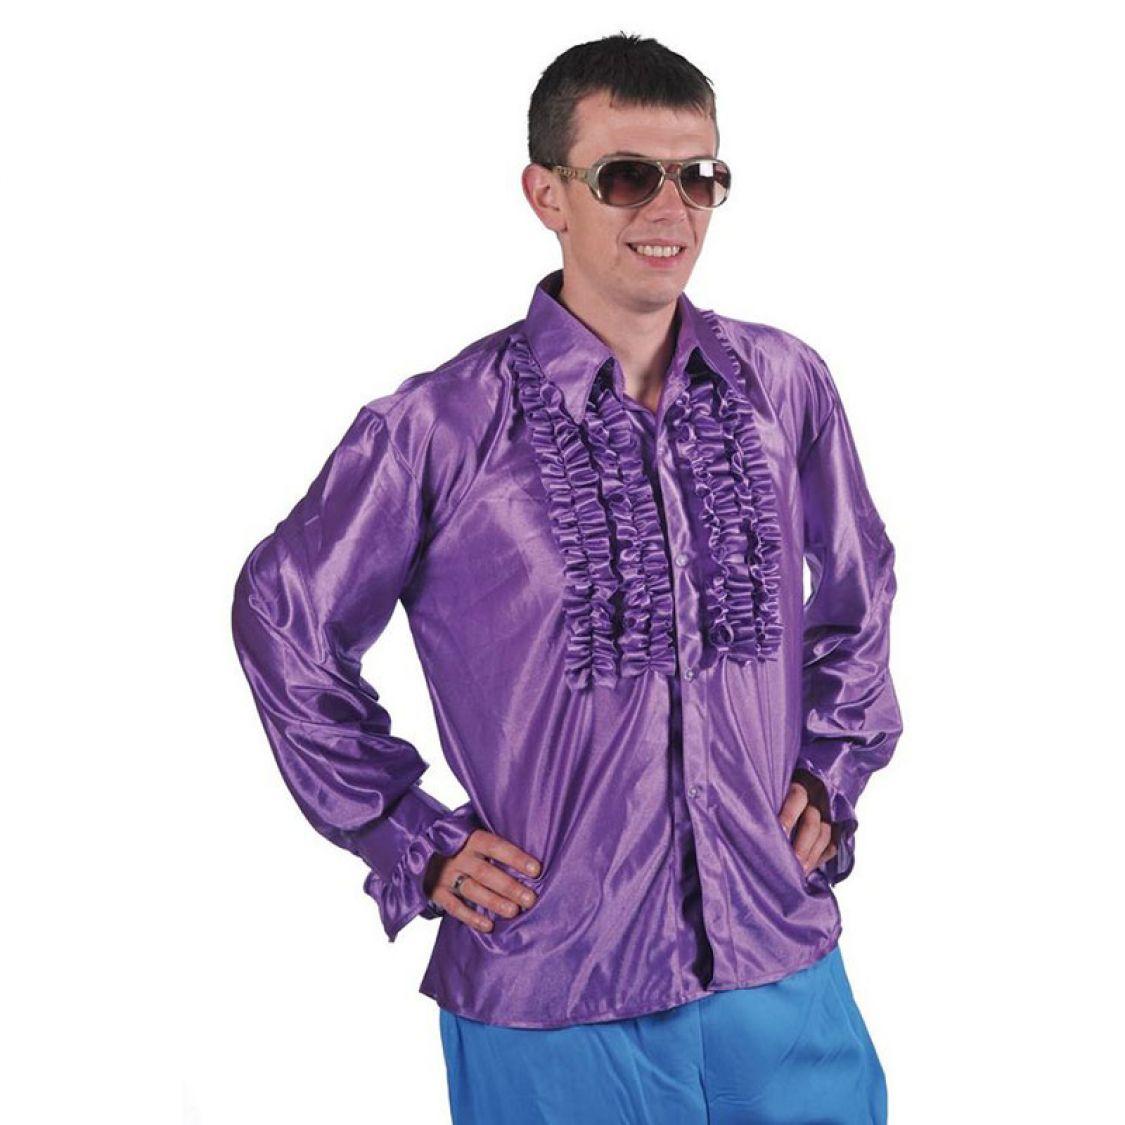 chemise disco homme frou frou violette. Black Bedroom Furniture Sets. Home Design Ideas